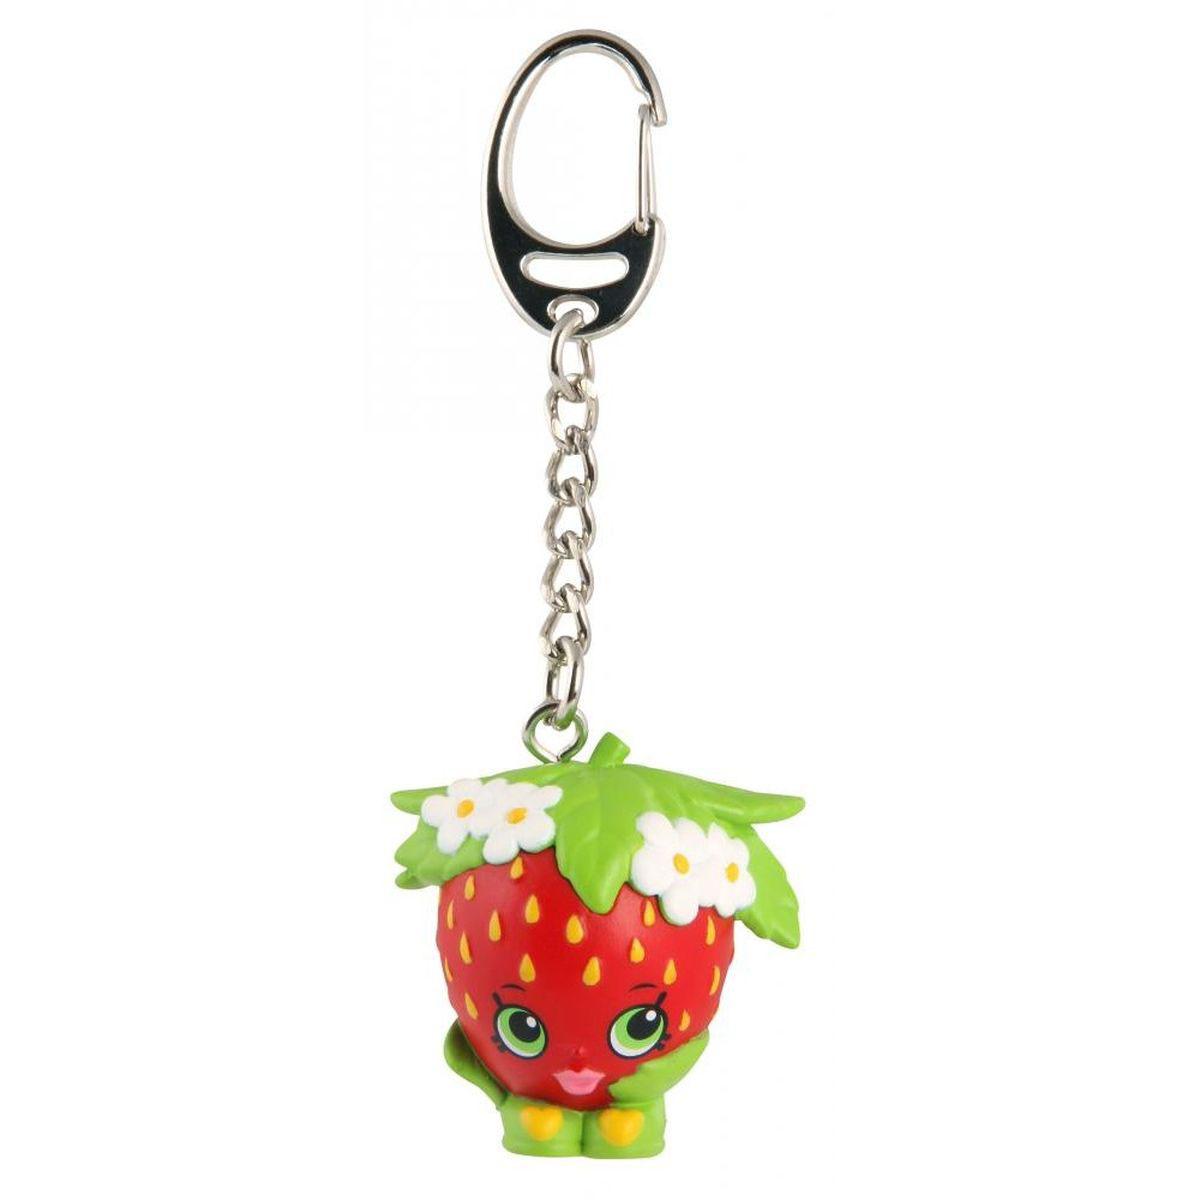 Shopkins Брелок Strawberry Kiss93308/ast93300Компания Shopkins специально для маленьких модниц выпустила невероятно красивые брелоки! Спешите порадовать свою принцессу таким подарком. В данной серии предоставлены брелочки в виде губной помады, башмака, клубнички, пончика, печенья и коробки с попкорном. Брелок Shopkins Strawberry Kiss ярко-красного цвета с желтыми крапинками, выполнен в виде фигурки с зелеными глазами. Стоит клубничка на зеленых башмачках, украшенных желтыми сердечками. Голова покрыта зеленым листиком с цветочками. На такой брелок девочке будет приятно повесить свои ключи, также его можно просто повесить на рюкзак и он будет радовать ее своим видом. Производитель заботится о своей продукции, поэтому брелок выполнен из безопасного для детей материала.